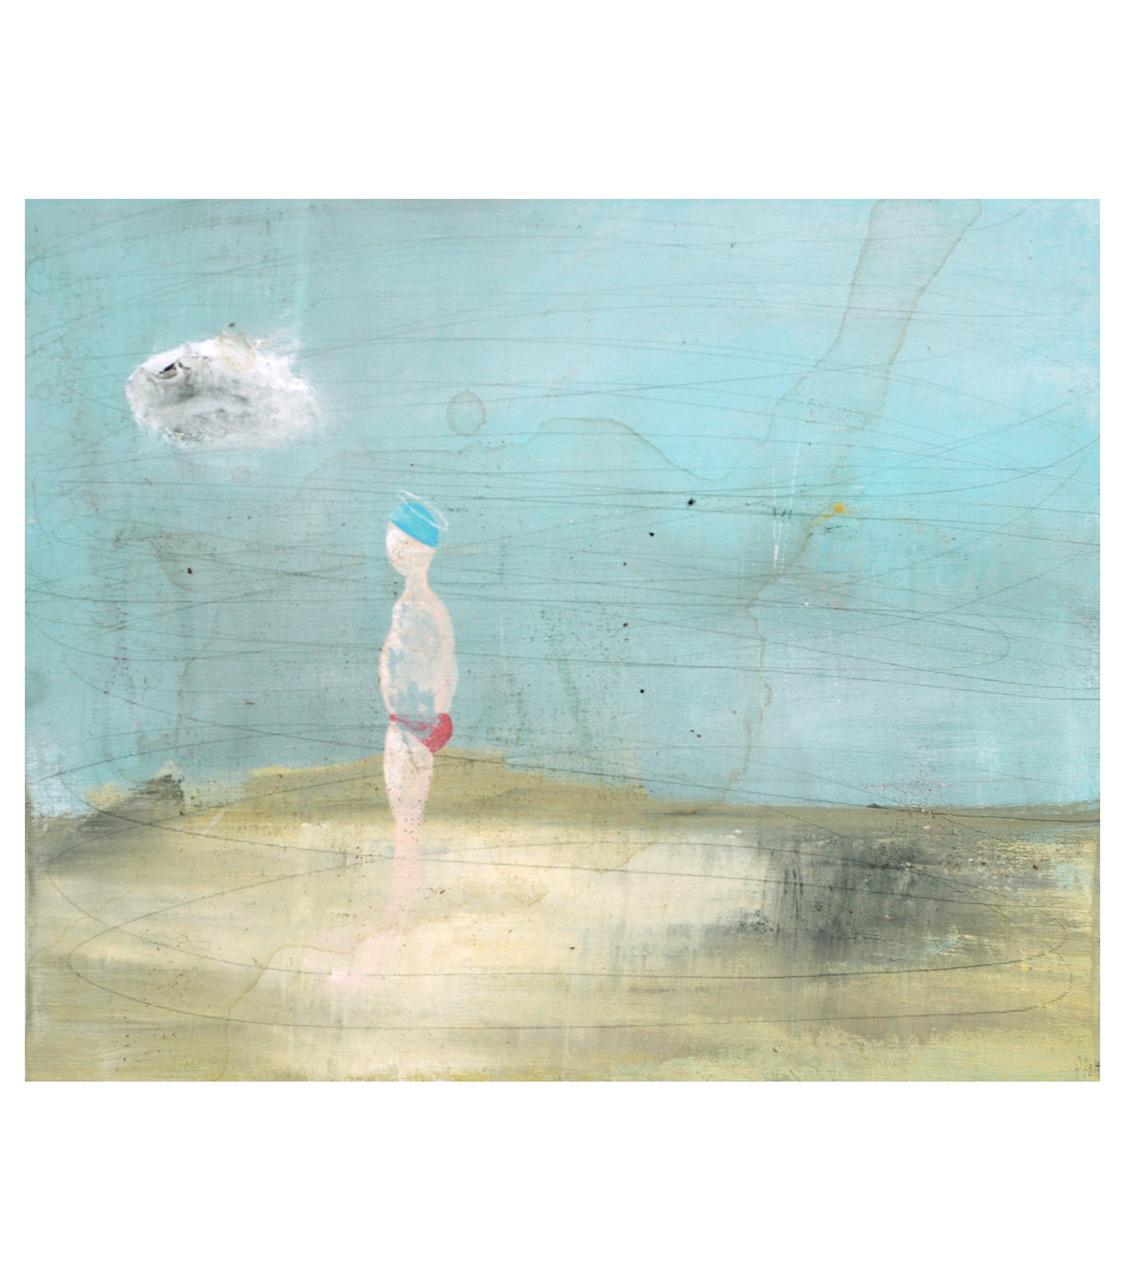 acrylic, pens and tea on canvas _ 38 x 46 cm _ 14 x 18 inch